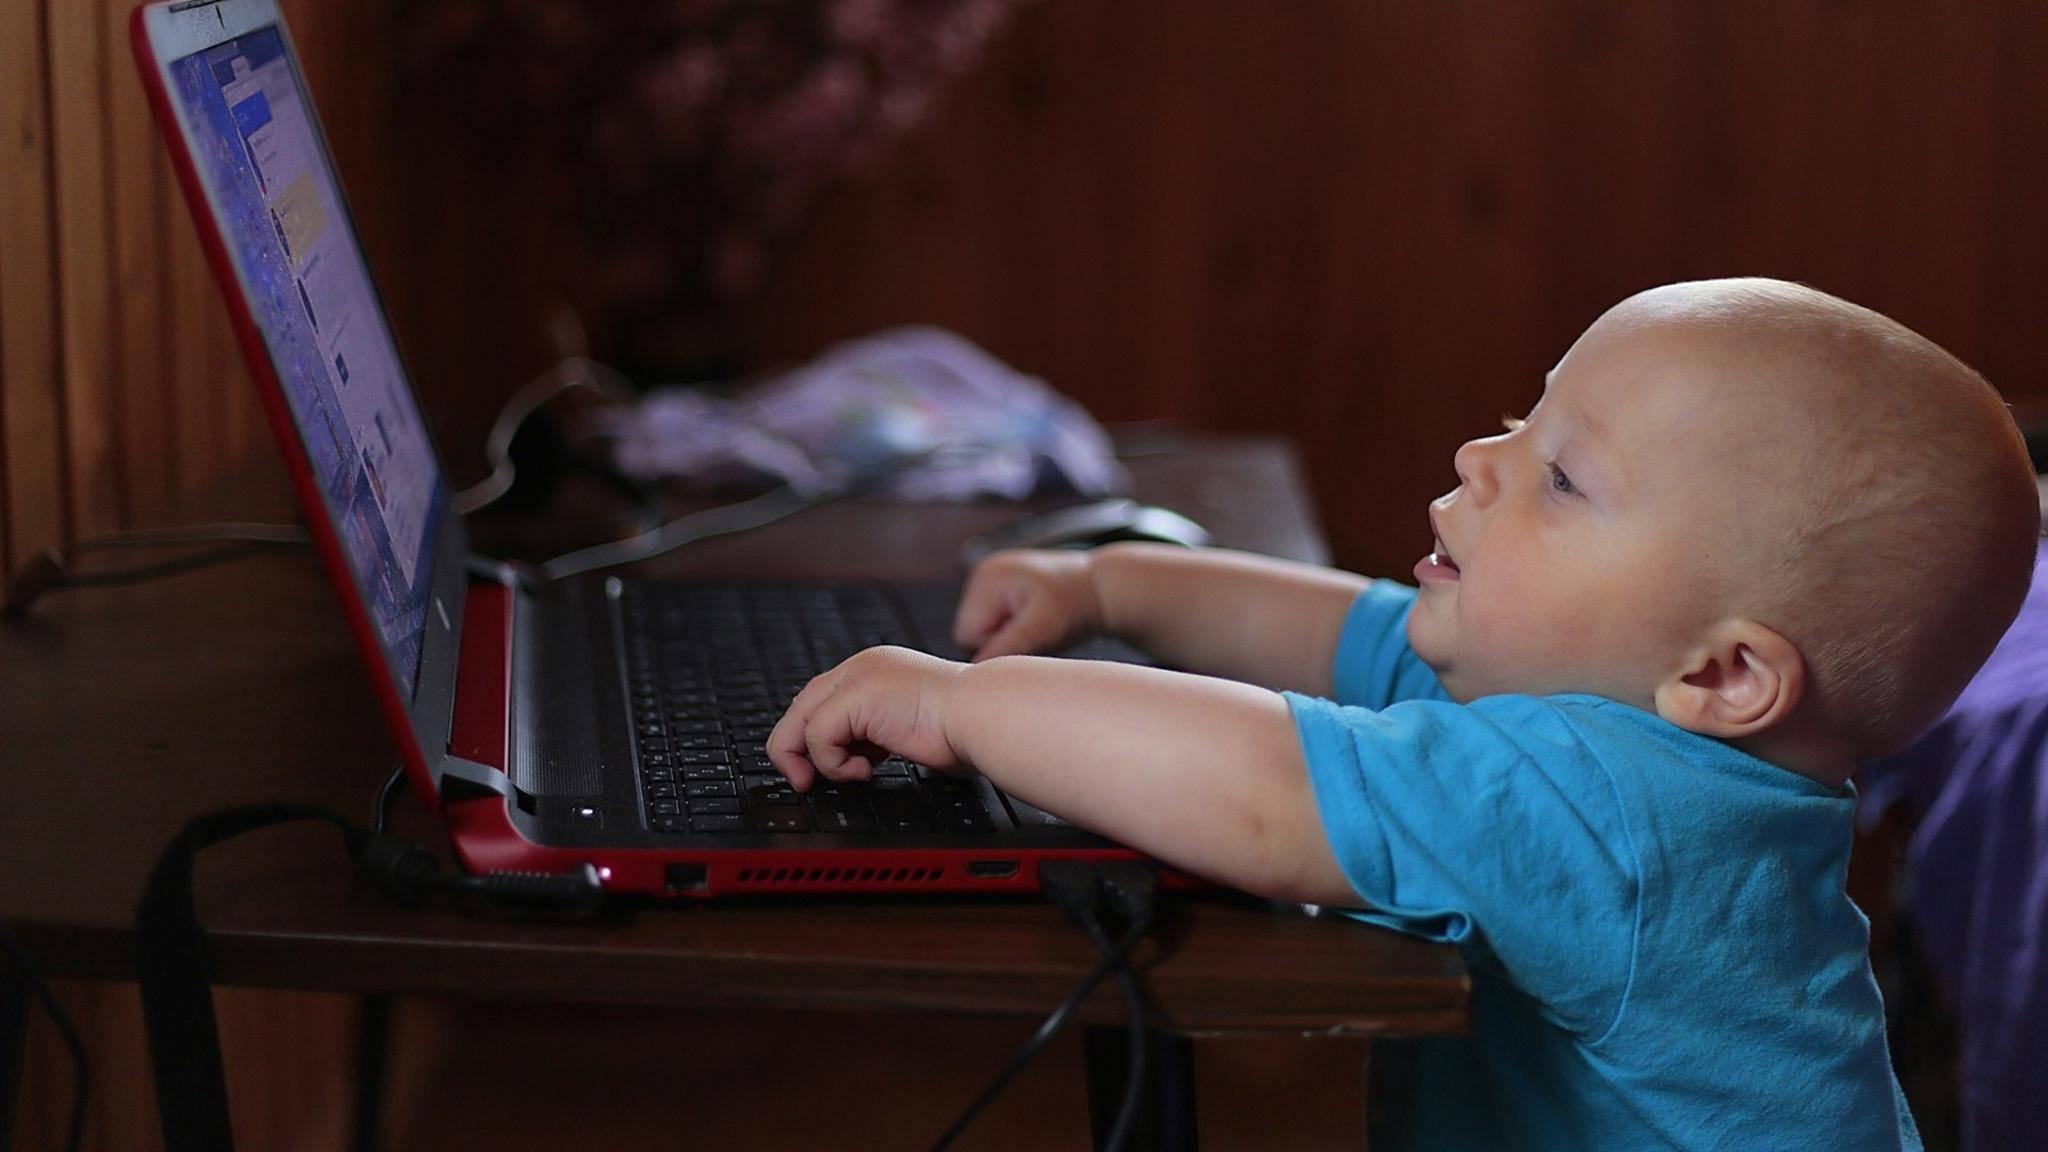 Wenn er groß ist, sind die Daten auf dem Laptop nicht mehr lesbar.